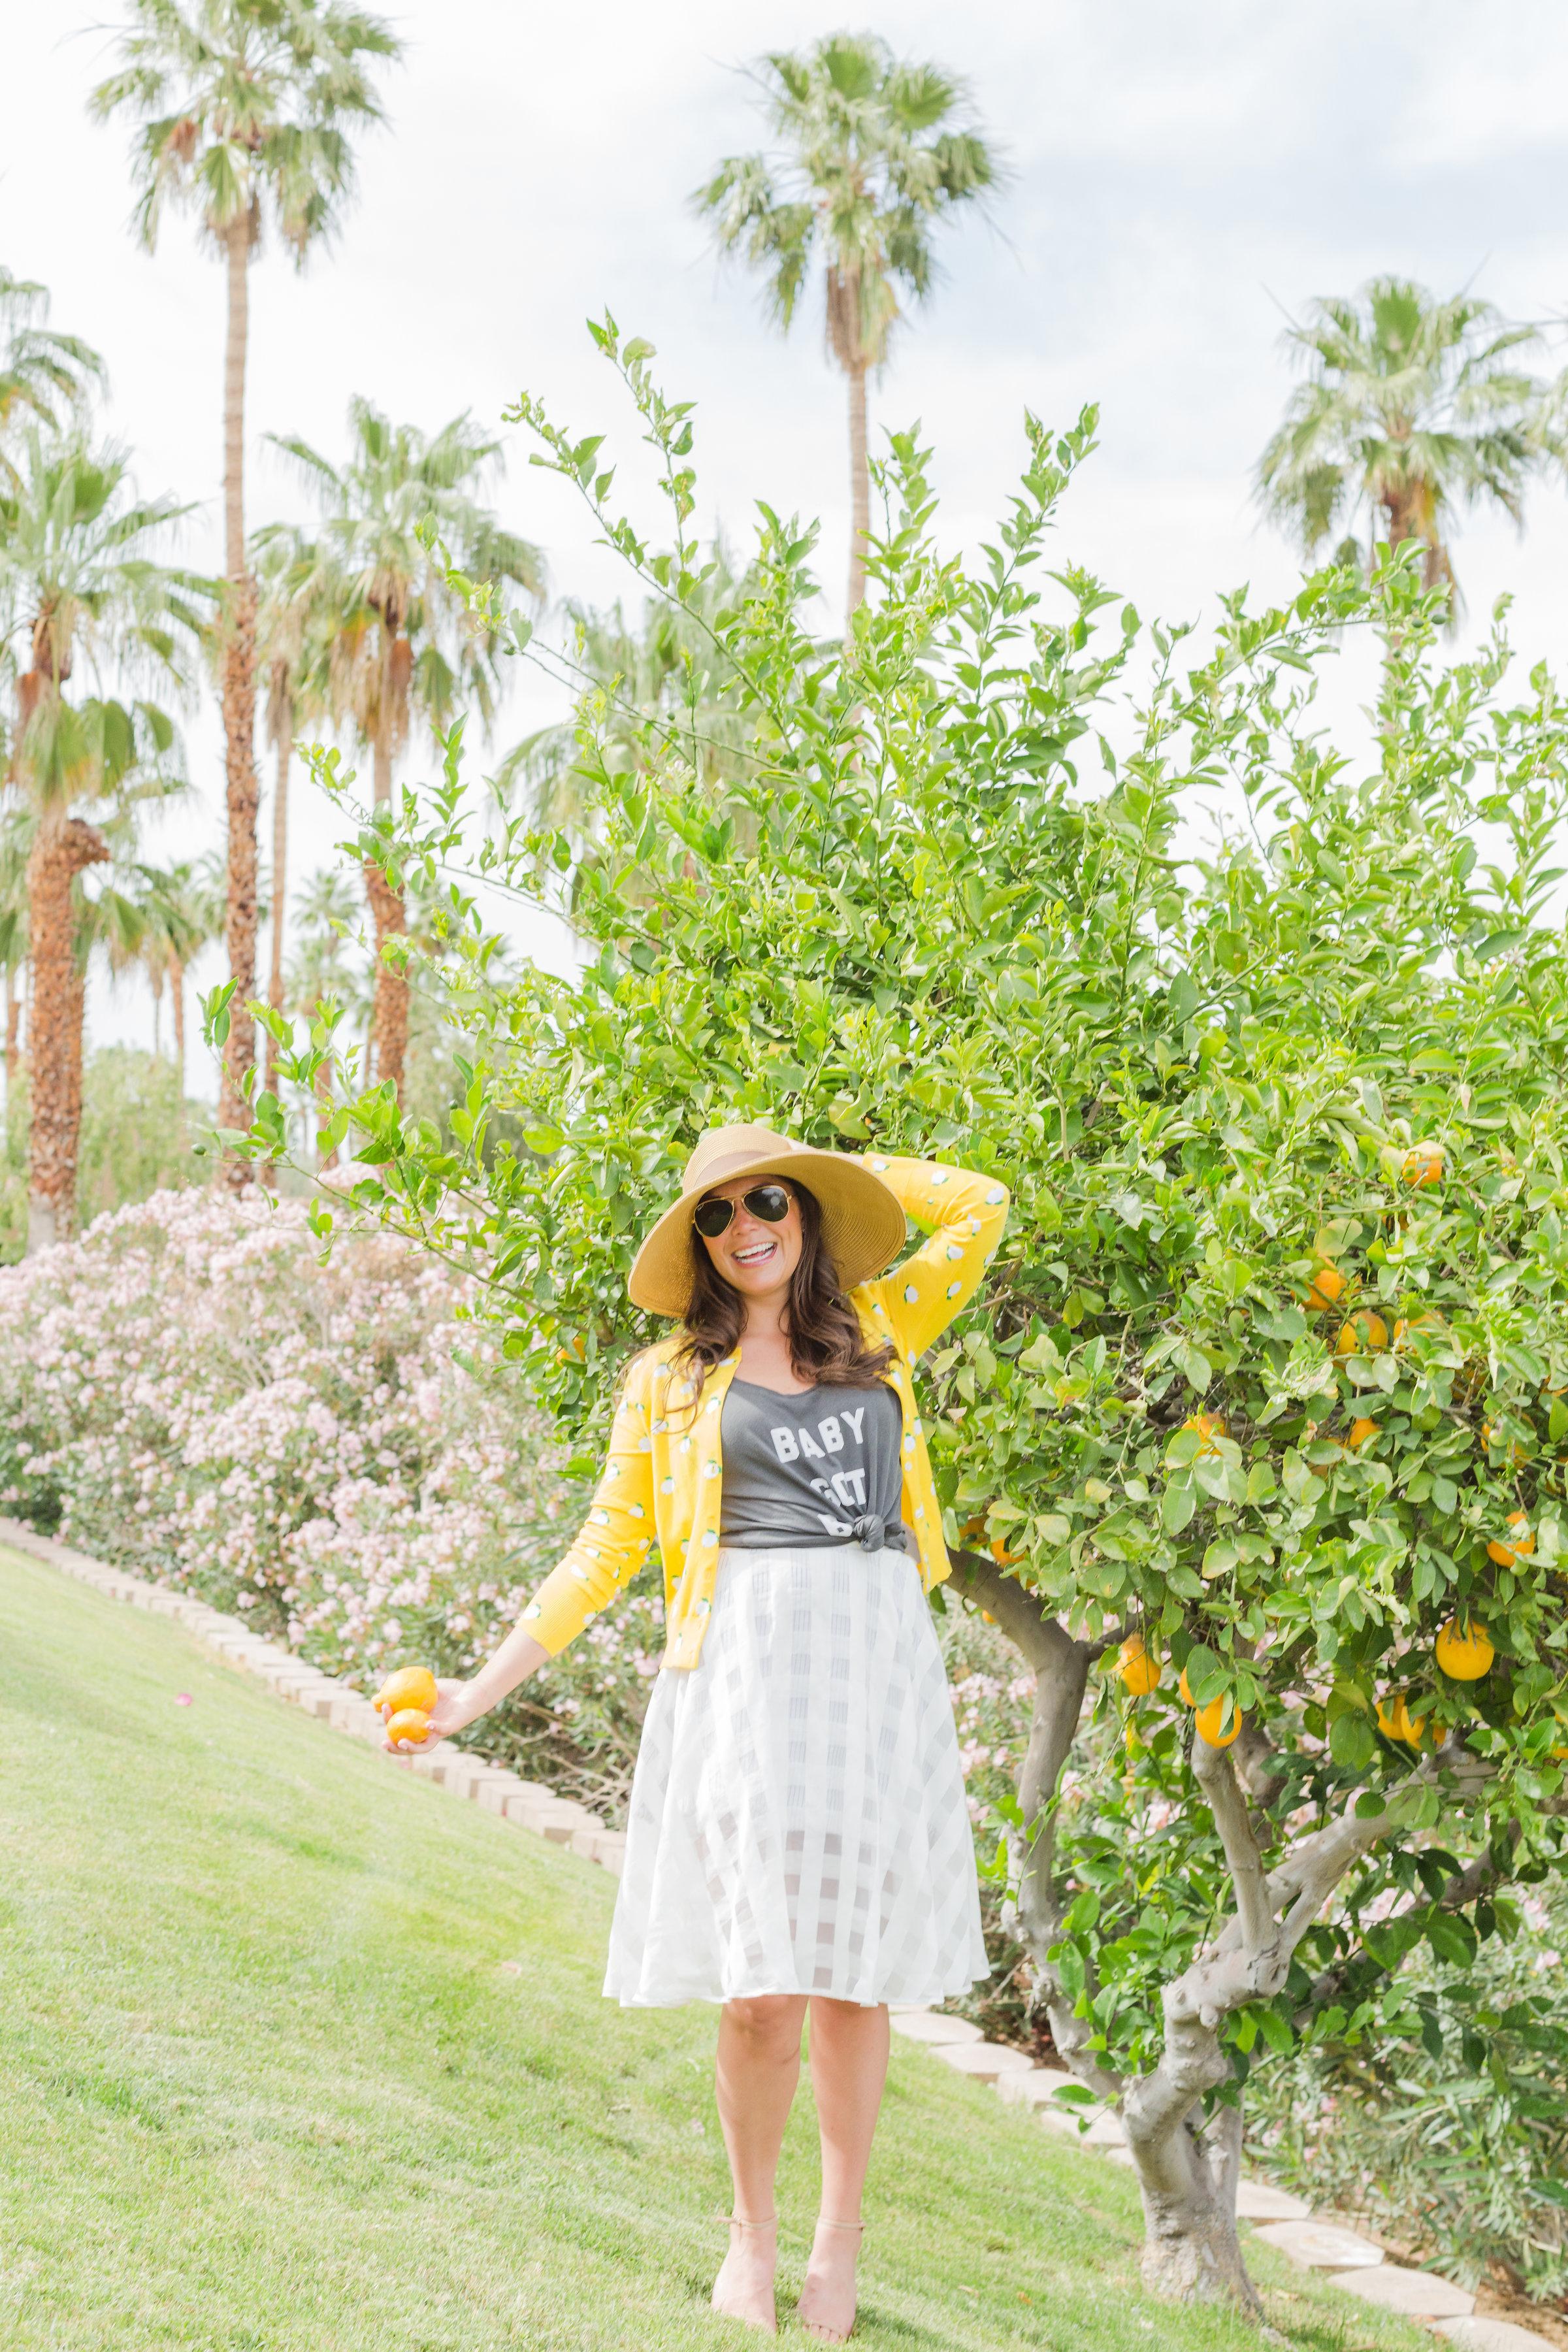 EricaMendenhallPhotographyDenverDarlingBlog_MP_2411.jpg